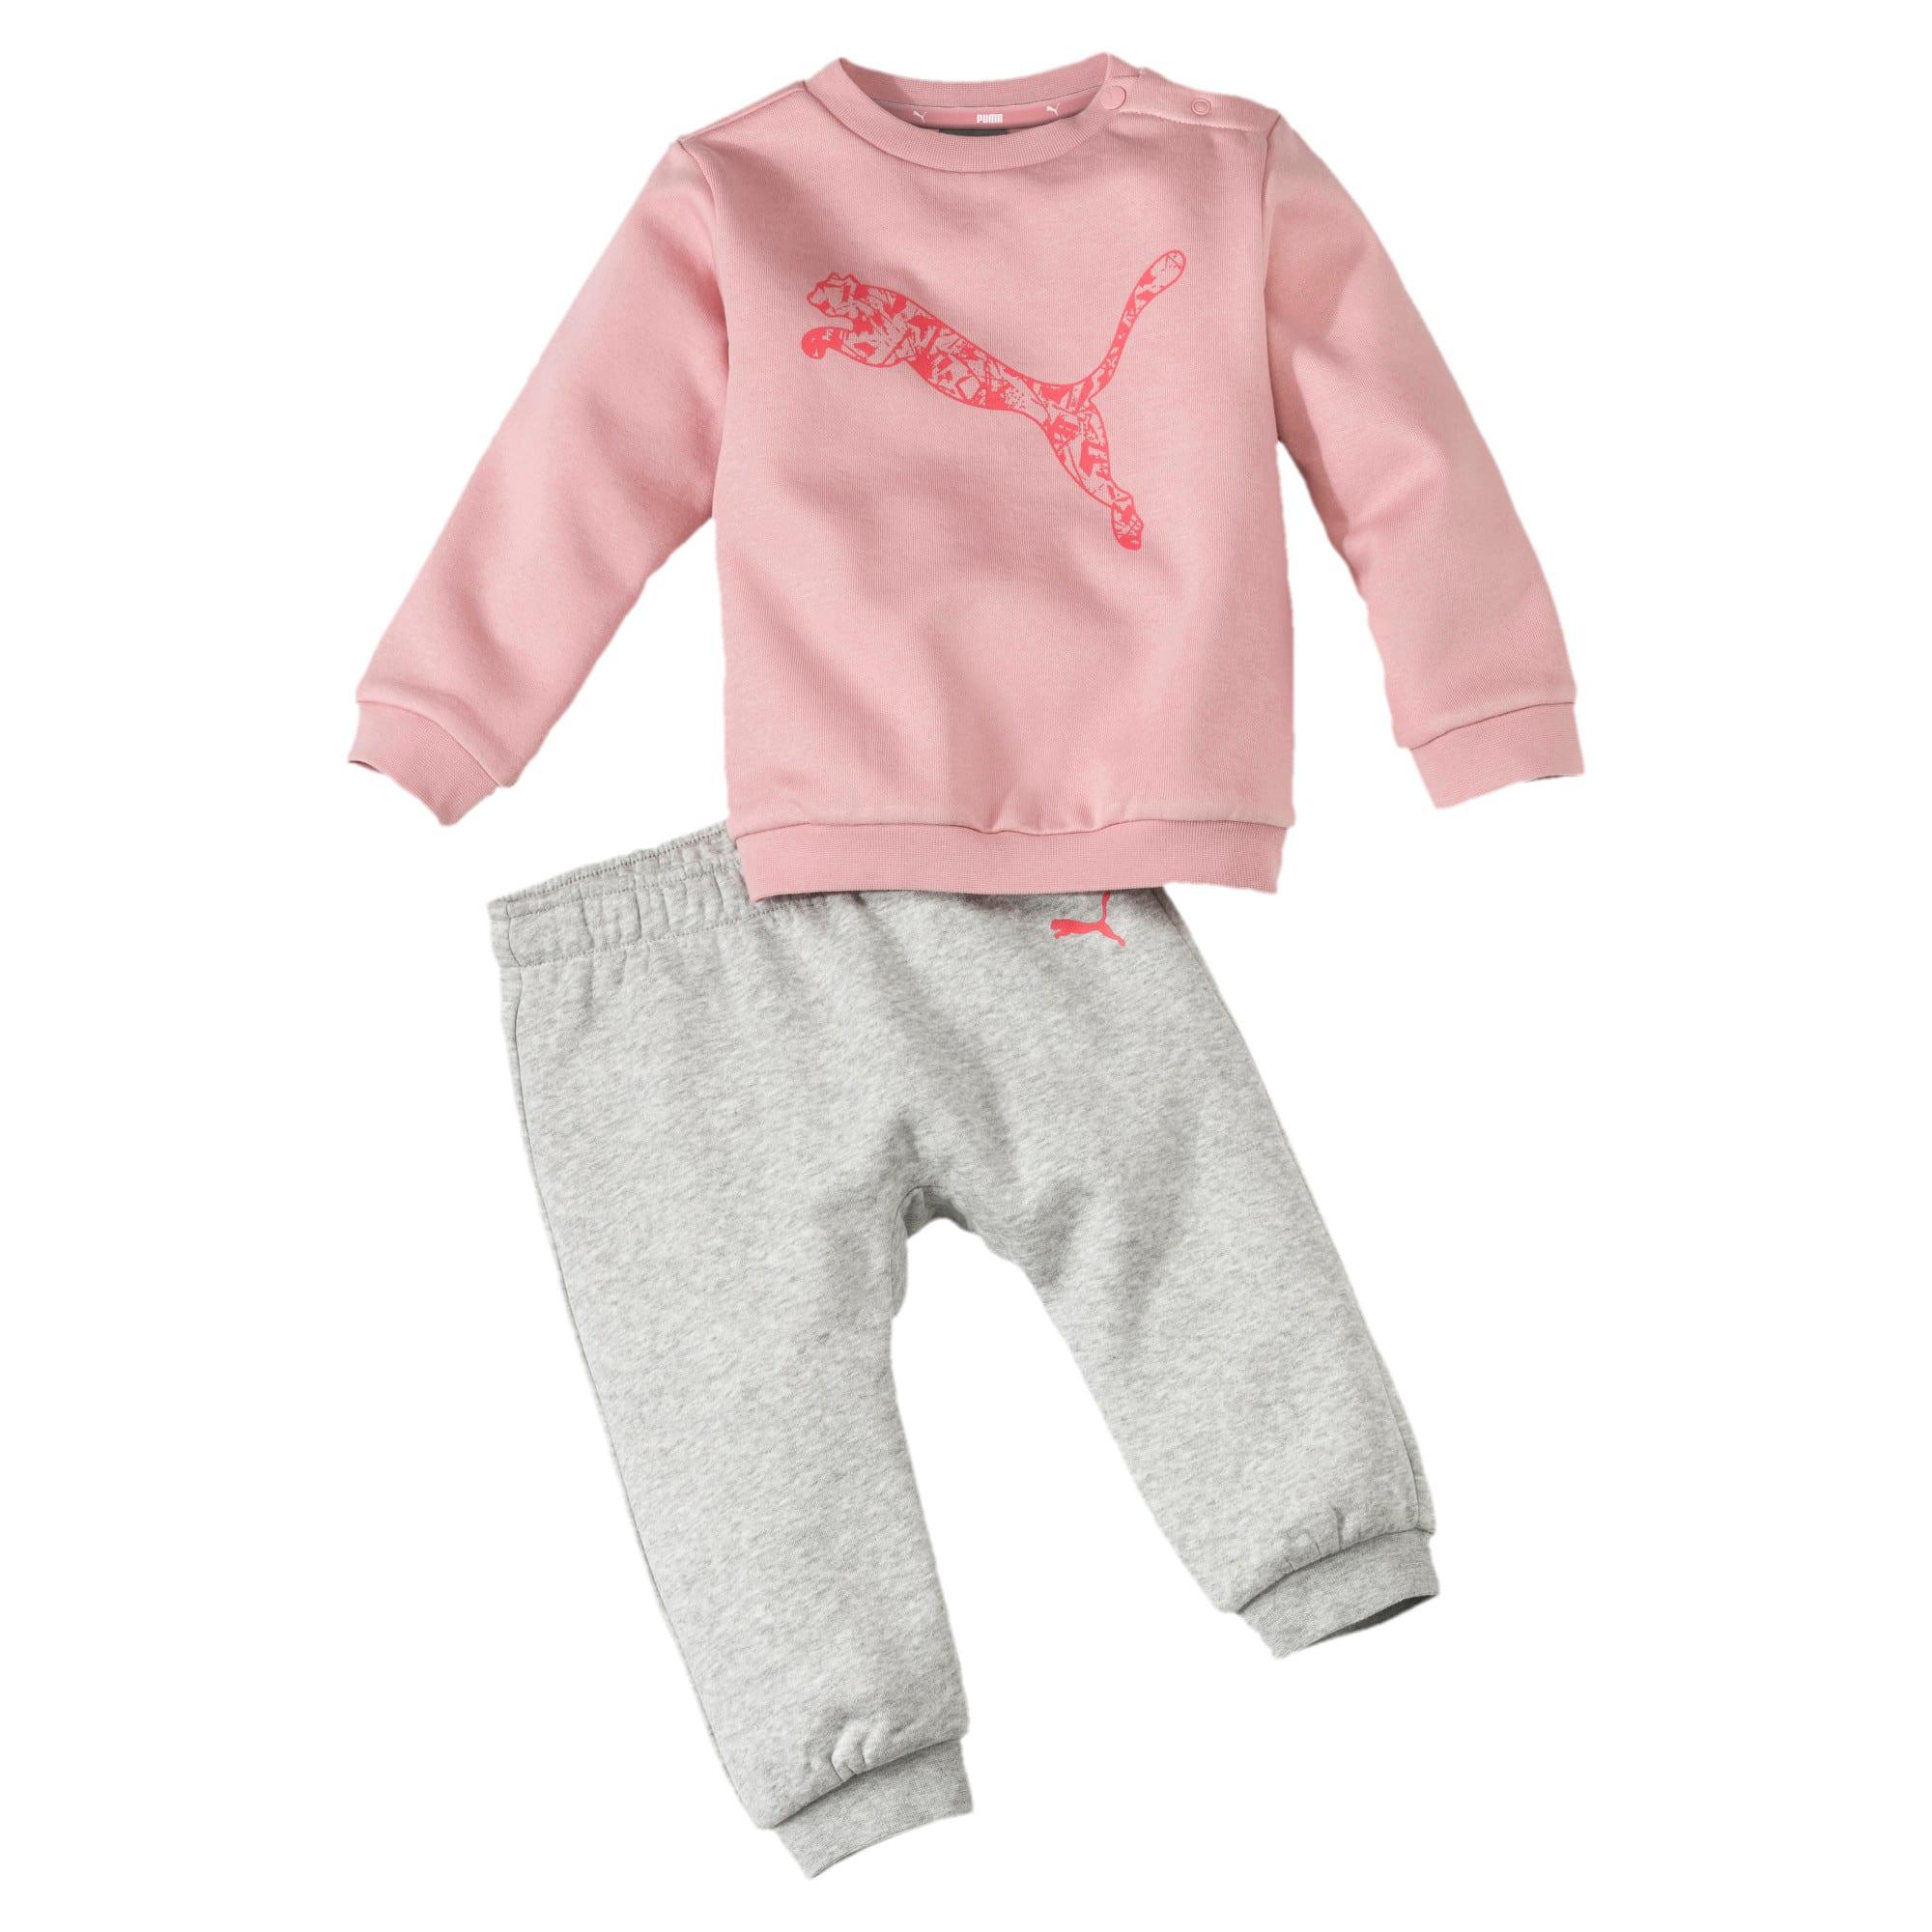 100% Zufriedenheit Entdecken Sie die neuesten Trends an vorderster Front der Zeit Bekleidung Puma Minicats Essentials Baby Jogginganzug somase.com.br